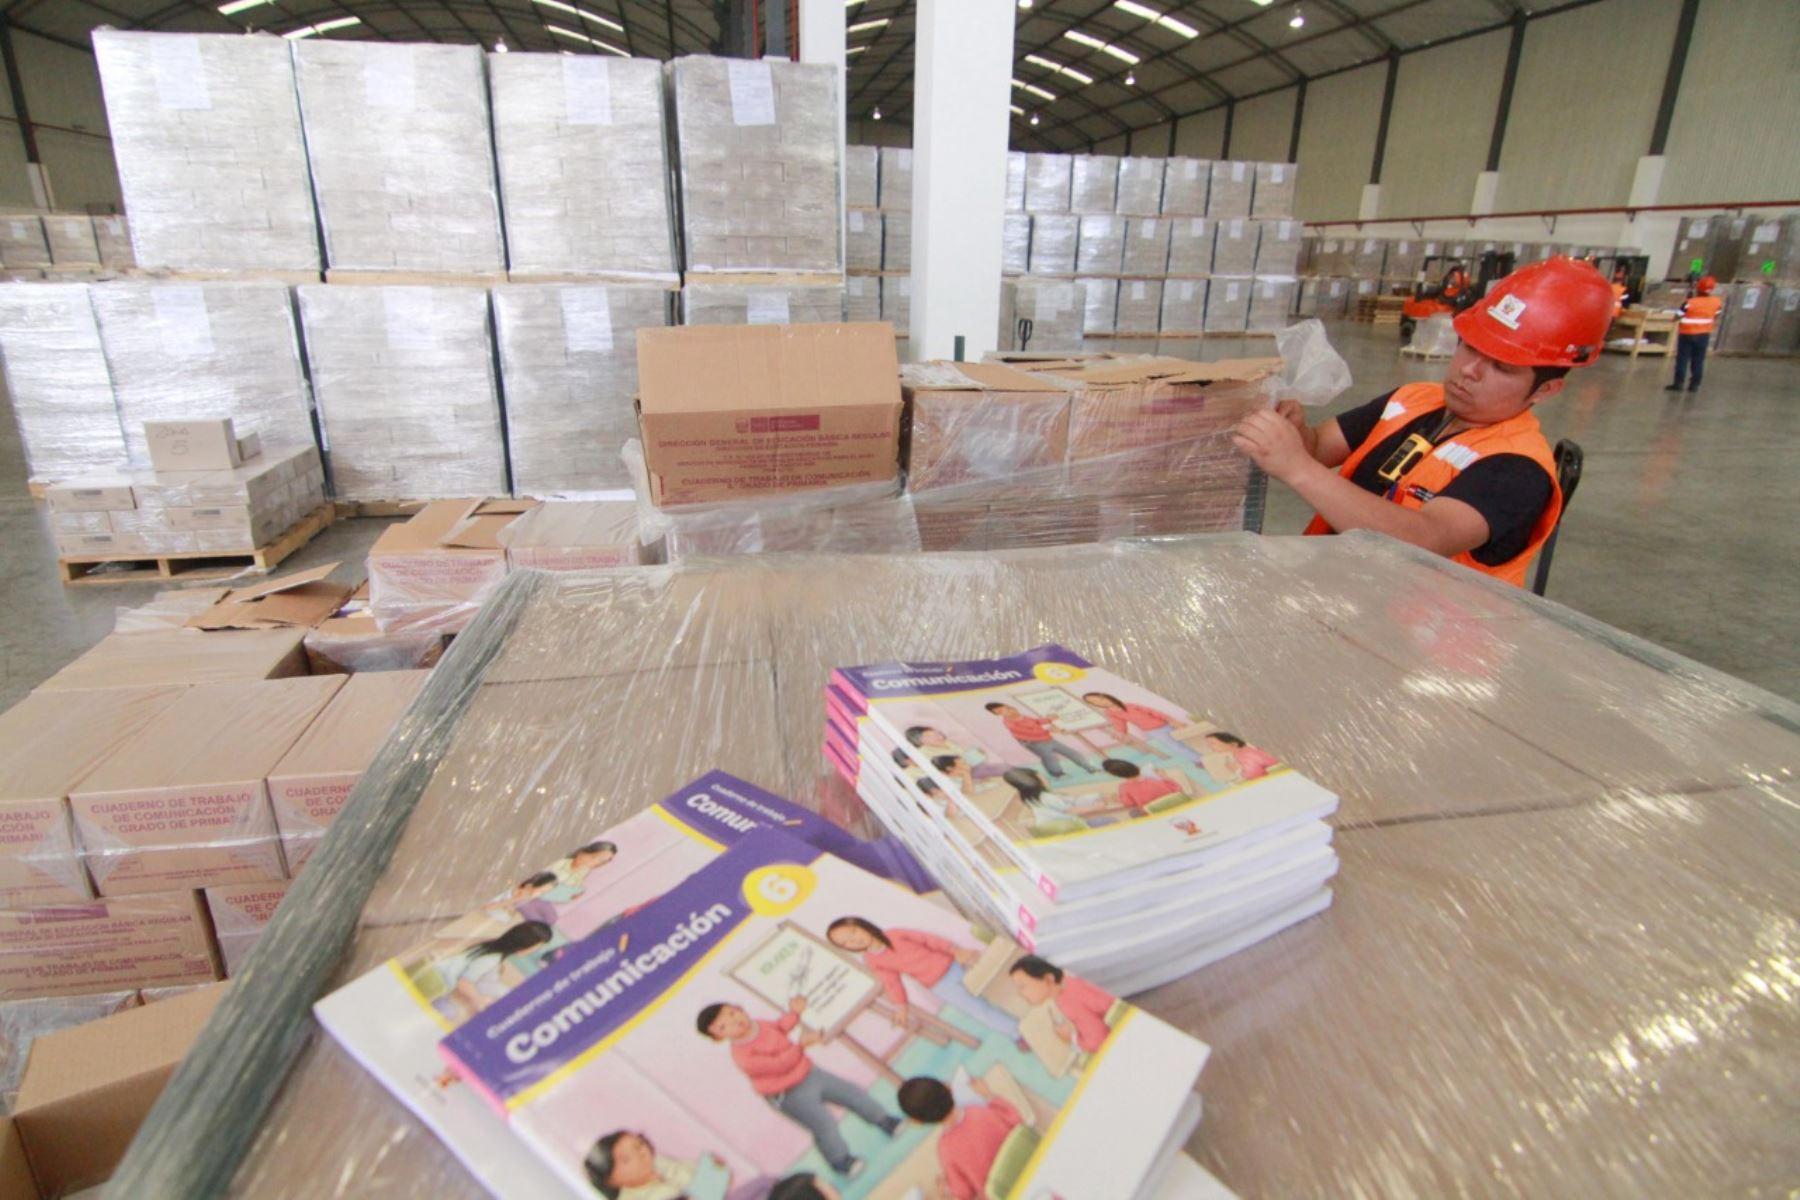 Libros fueron elaborados con una inversión de S/ 83 millones para los estudiantes y docentes de todos los niveles de los colegios públicos. Foto: Minedu